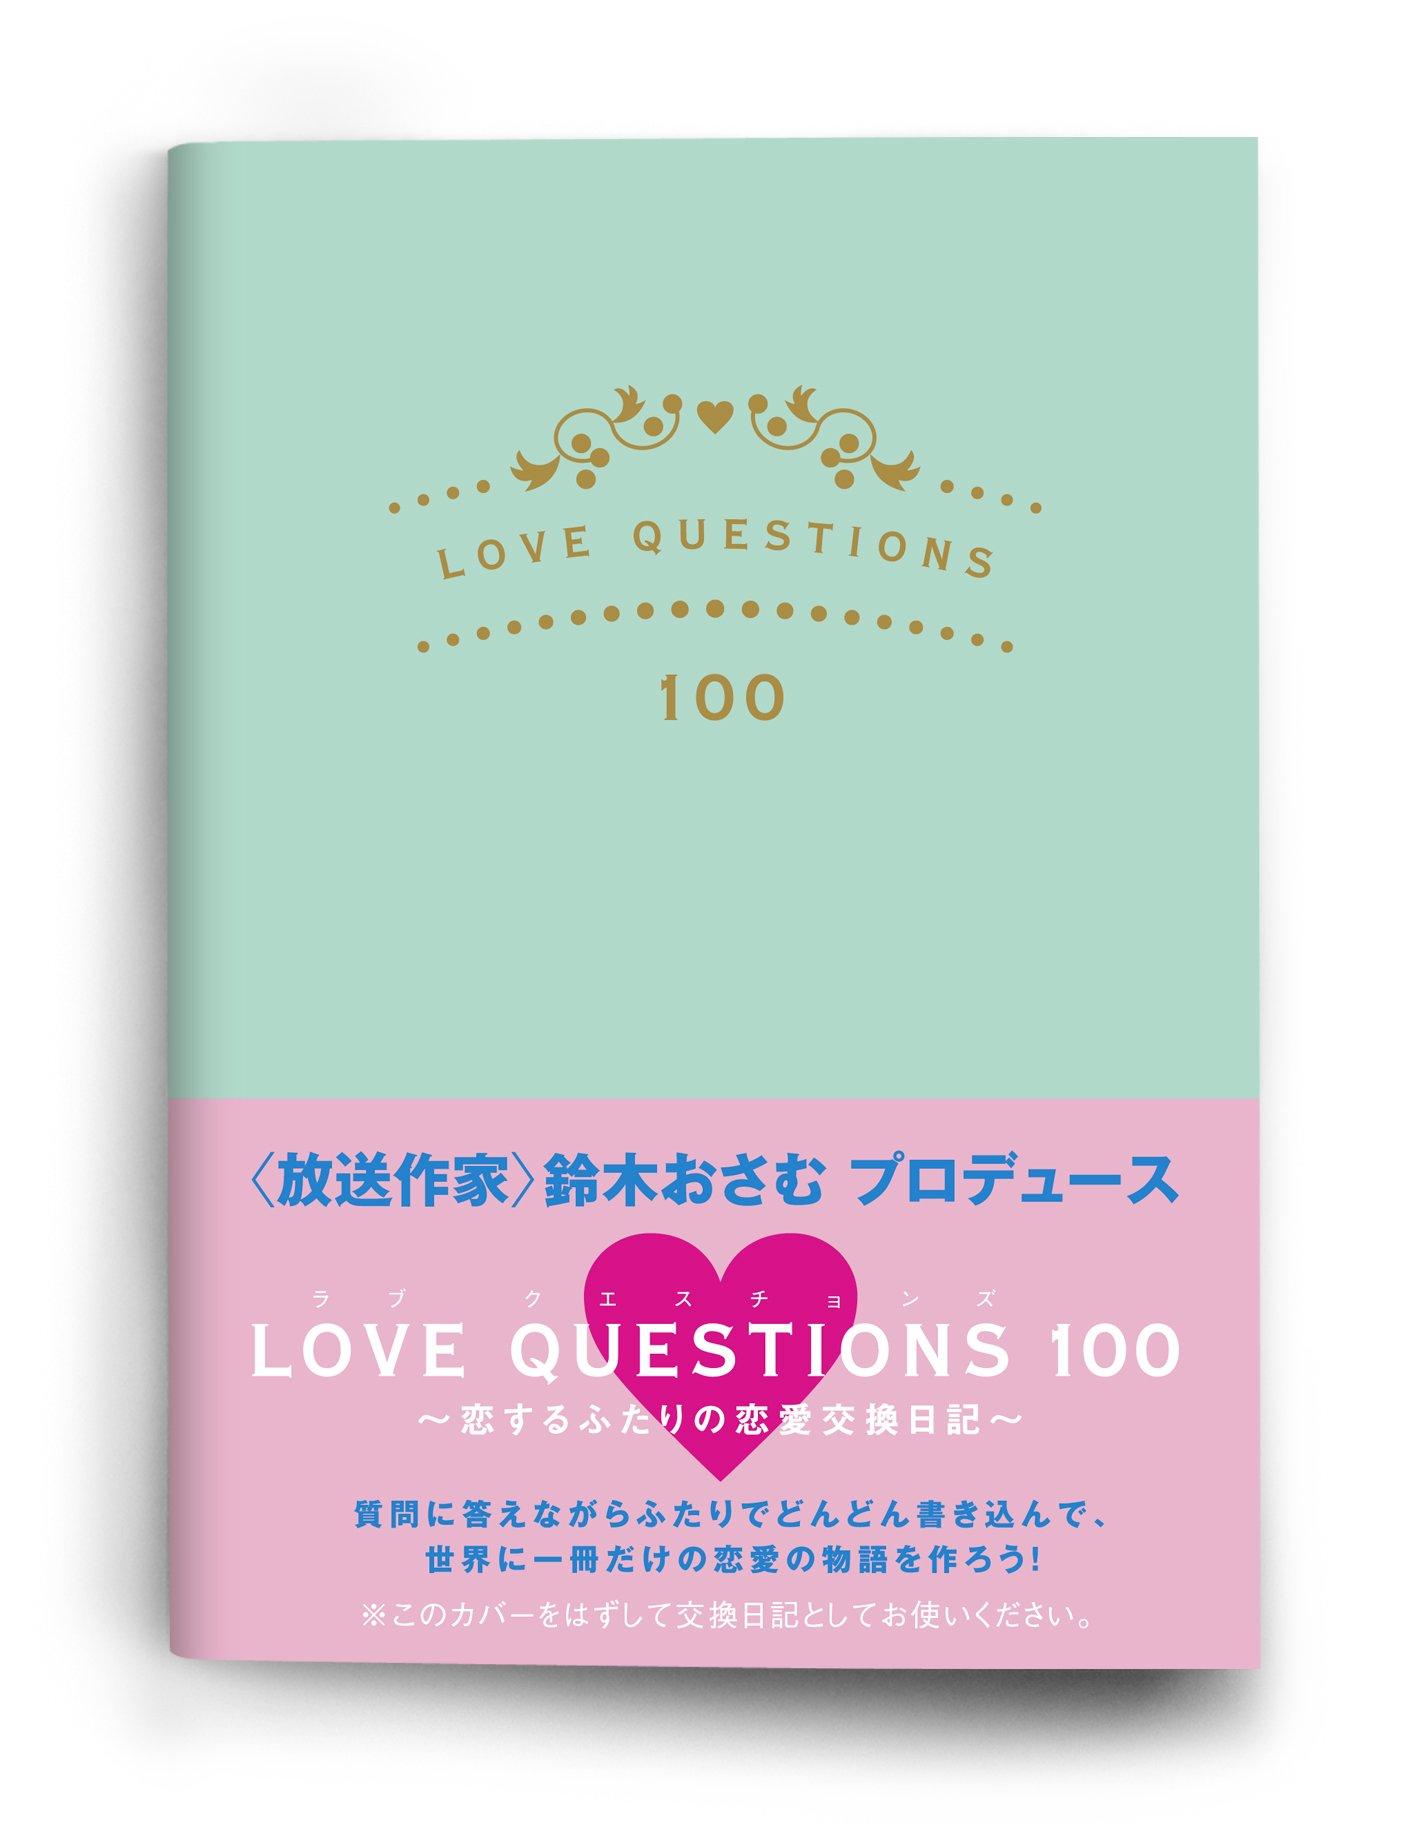 恋愛 100 の 質問